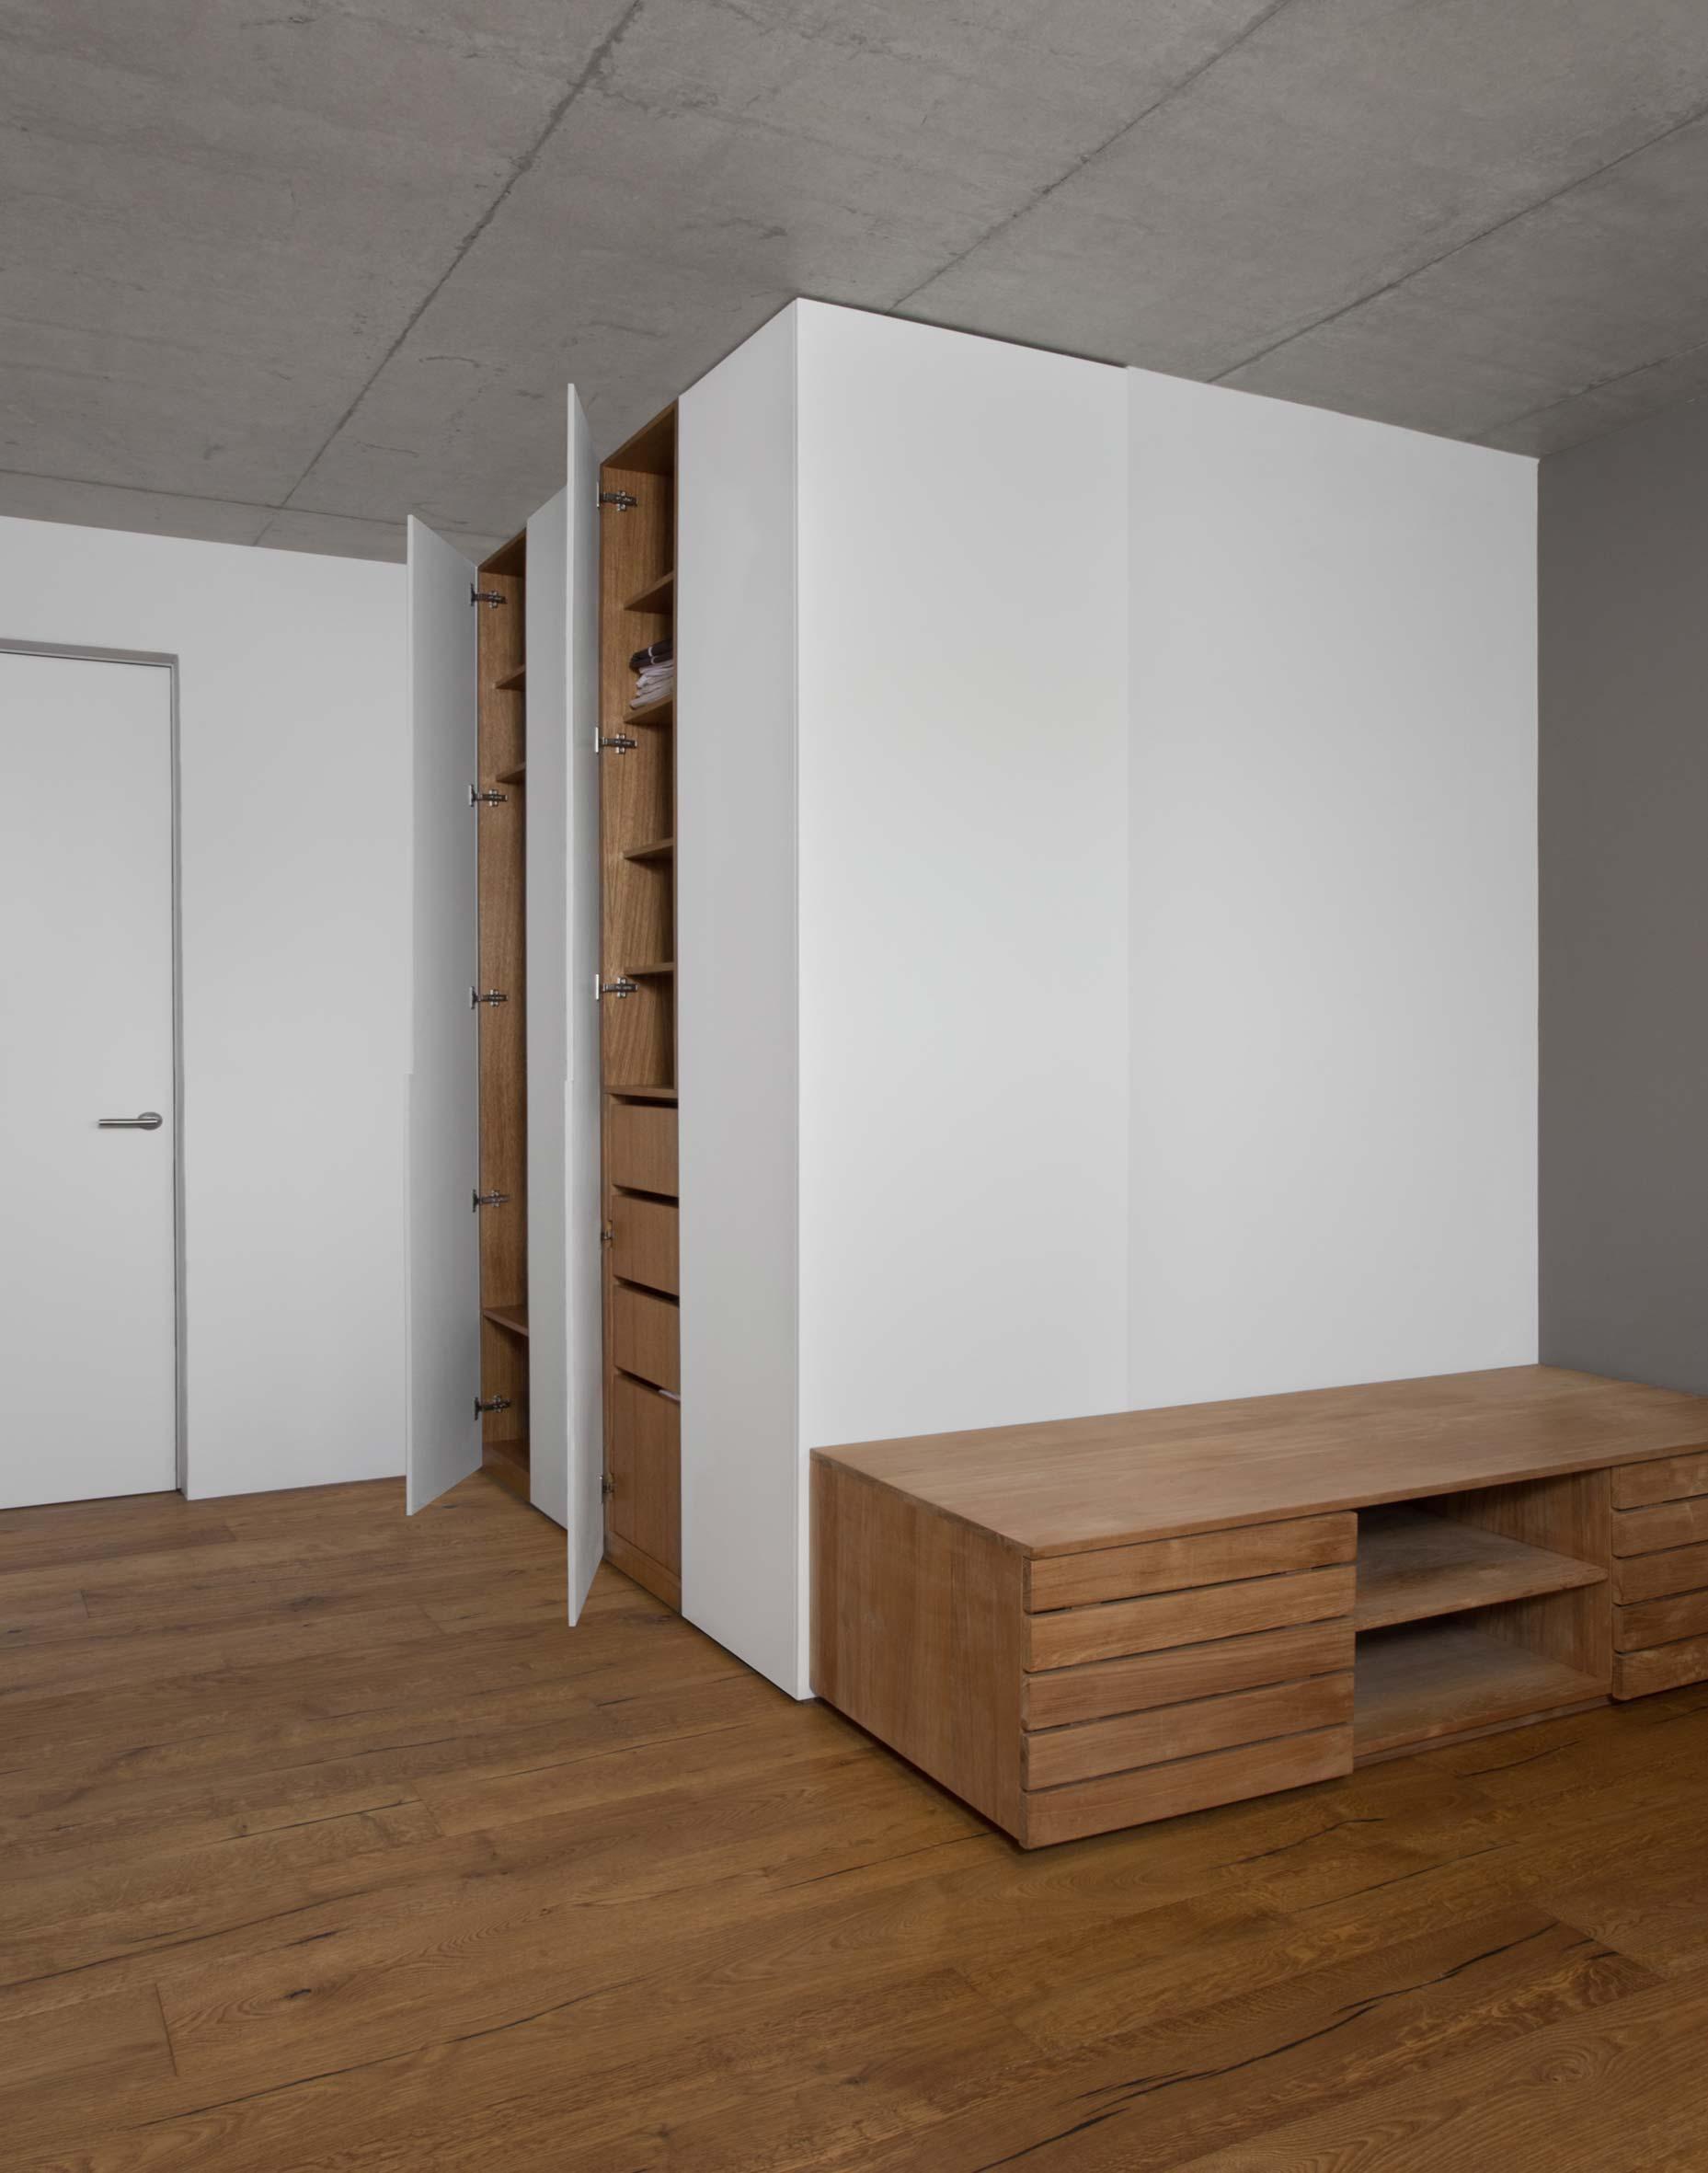 plan 3 kitchens / Architecture in detail / Luxury kitchen